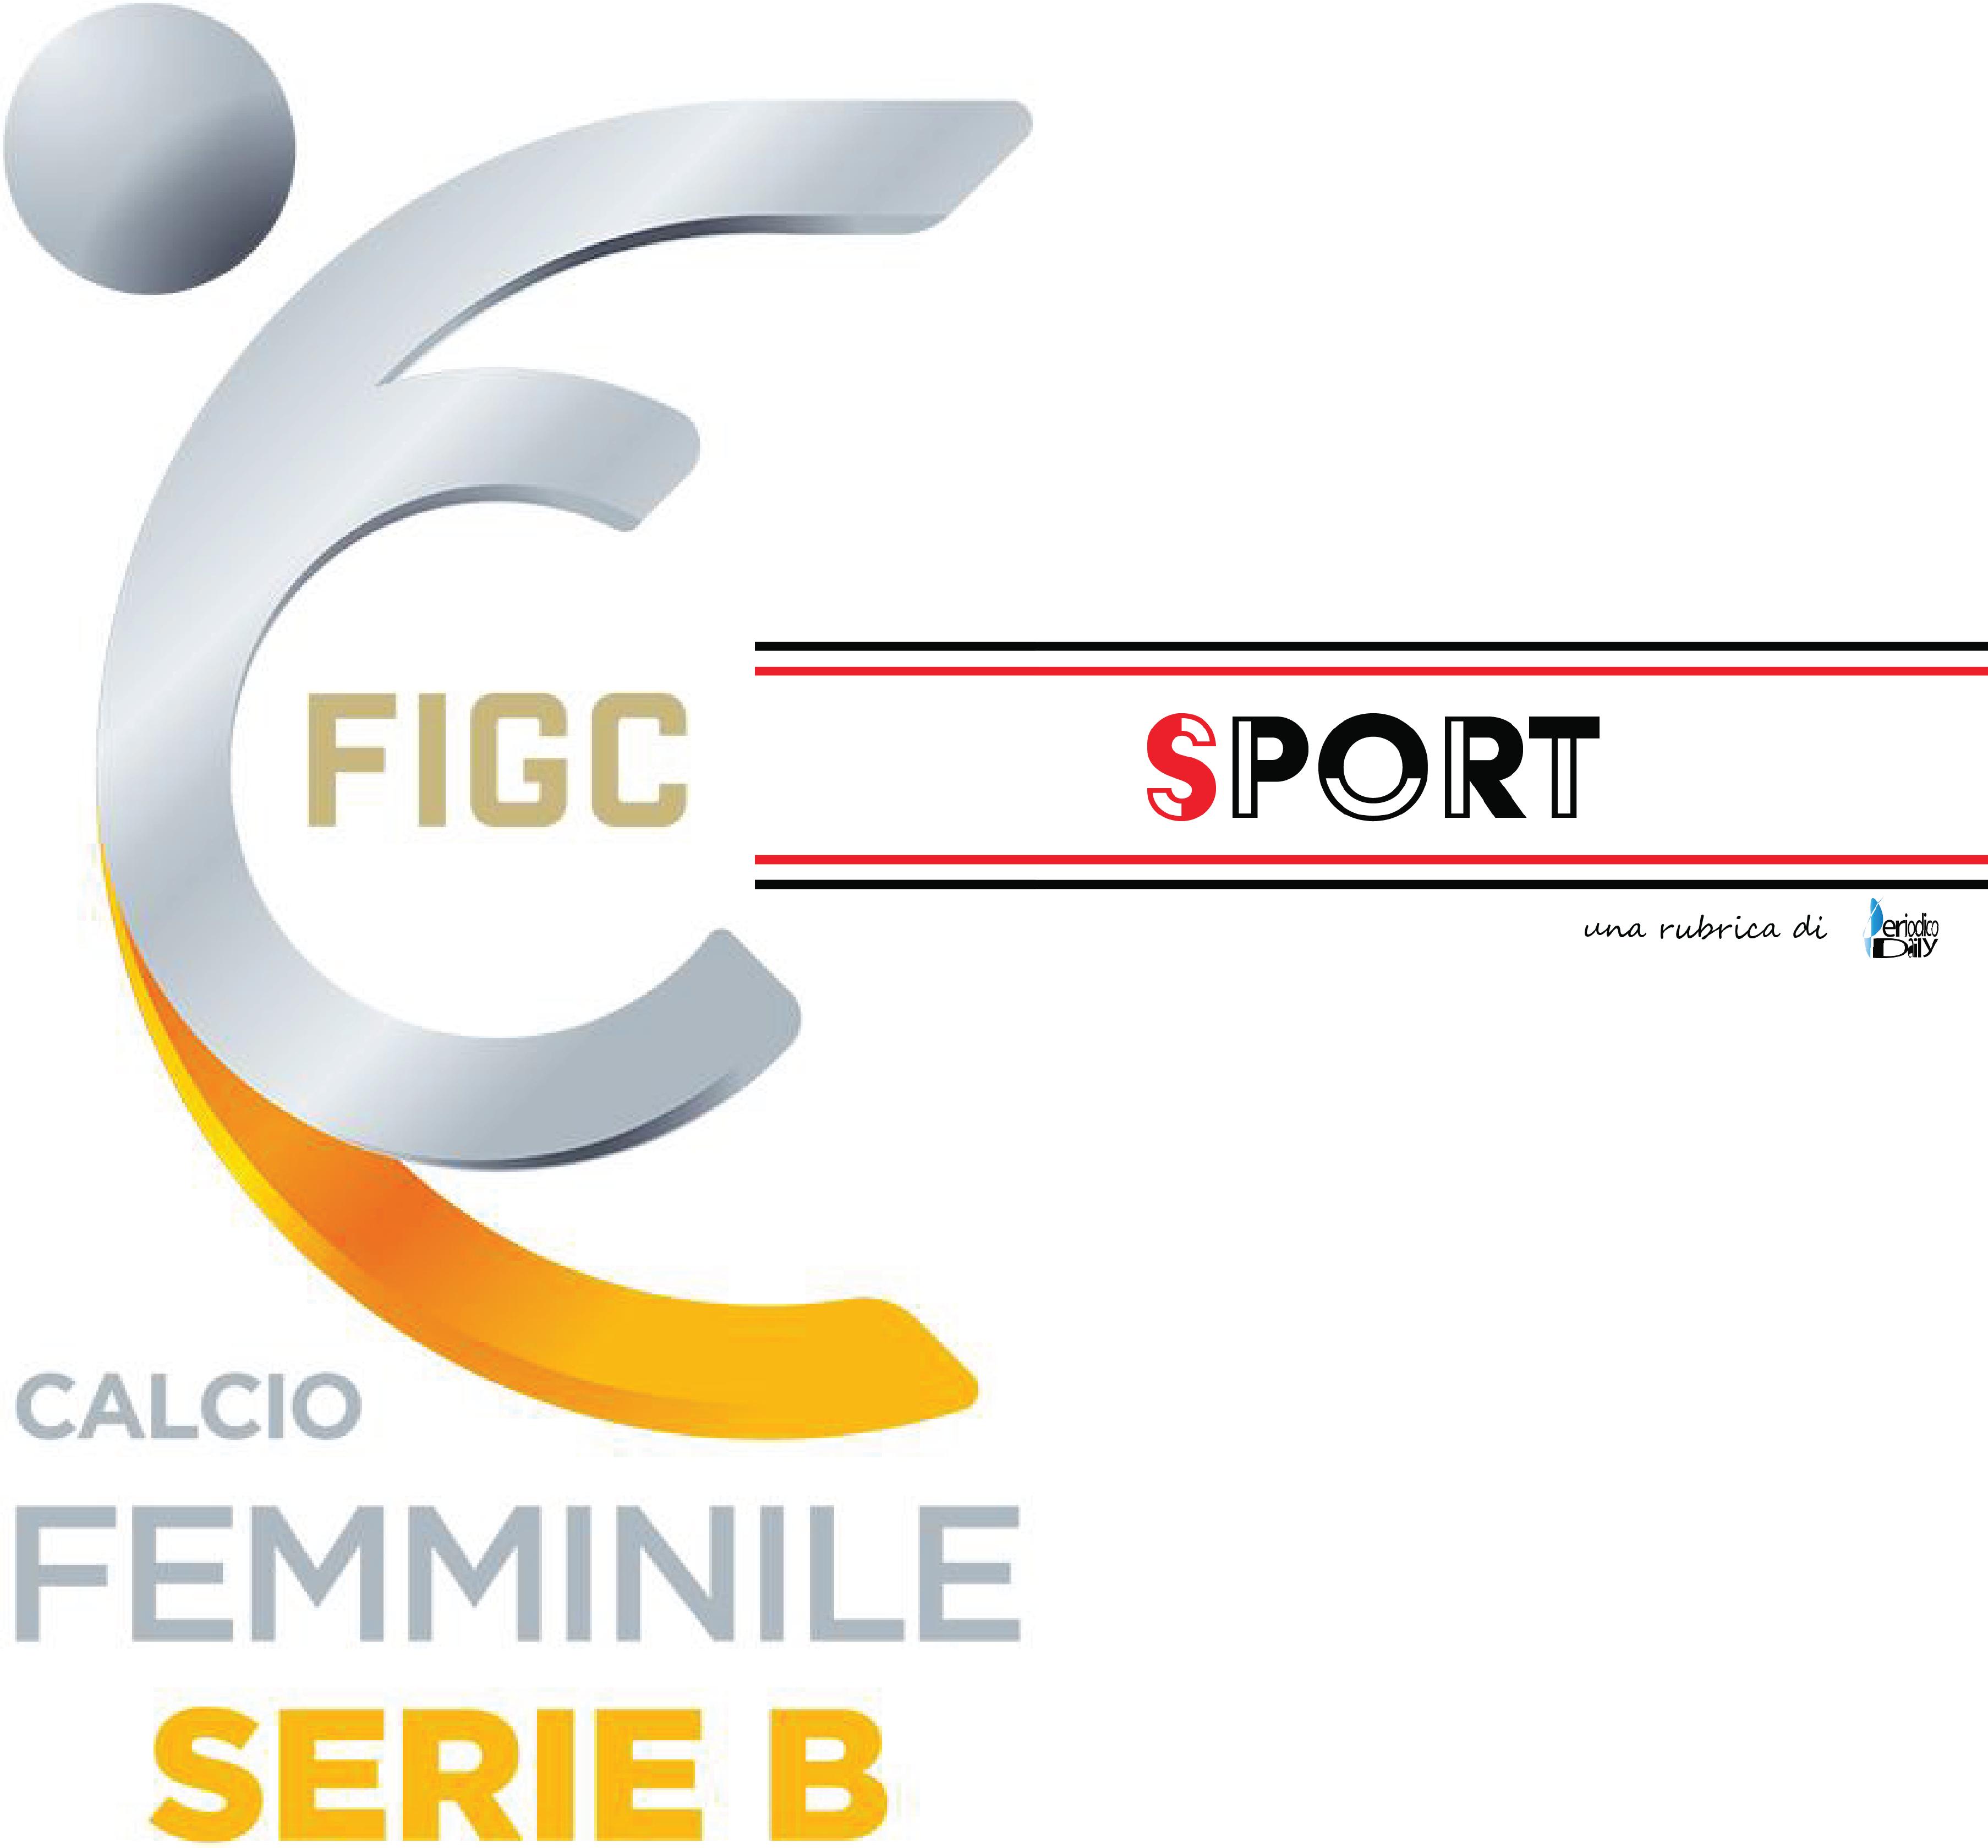 Serie B Stagione 2019 2020 Risultati E Classifica Periodicodaily Sport